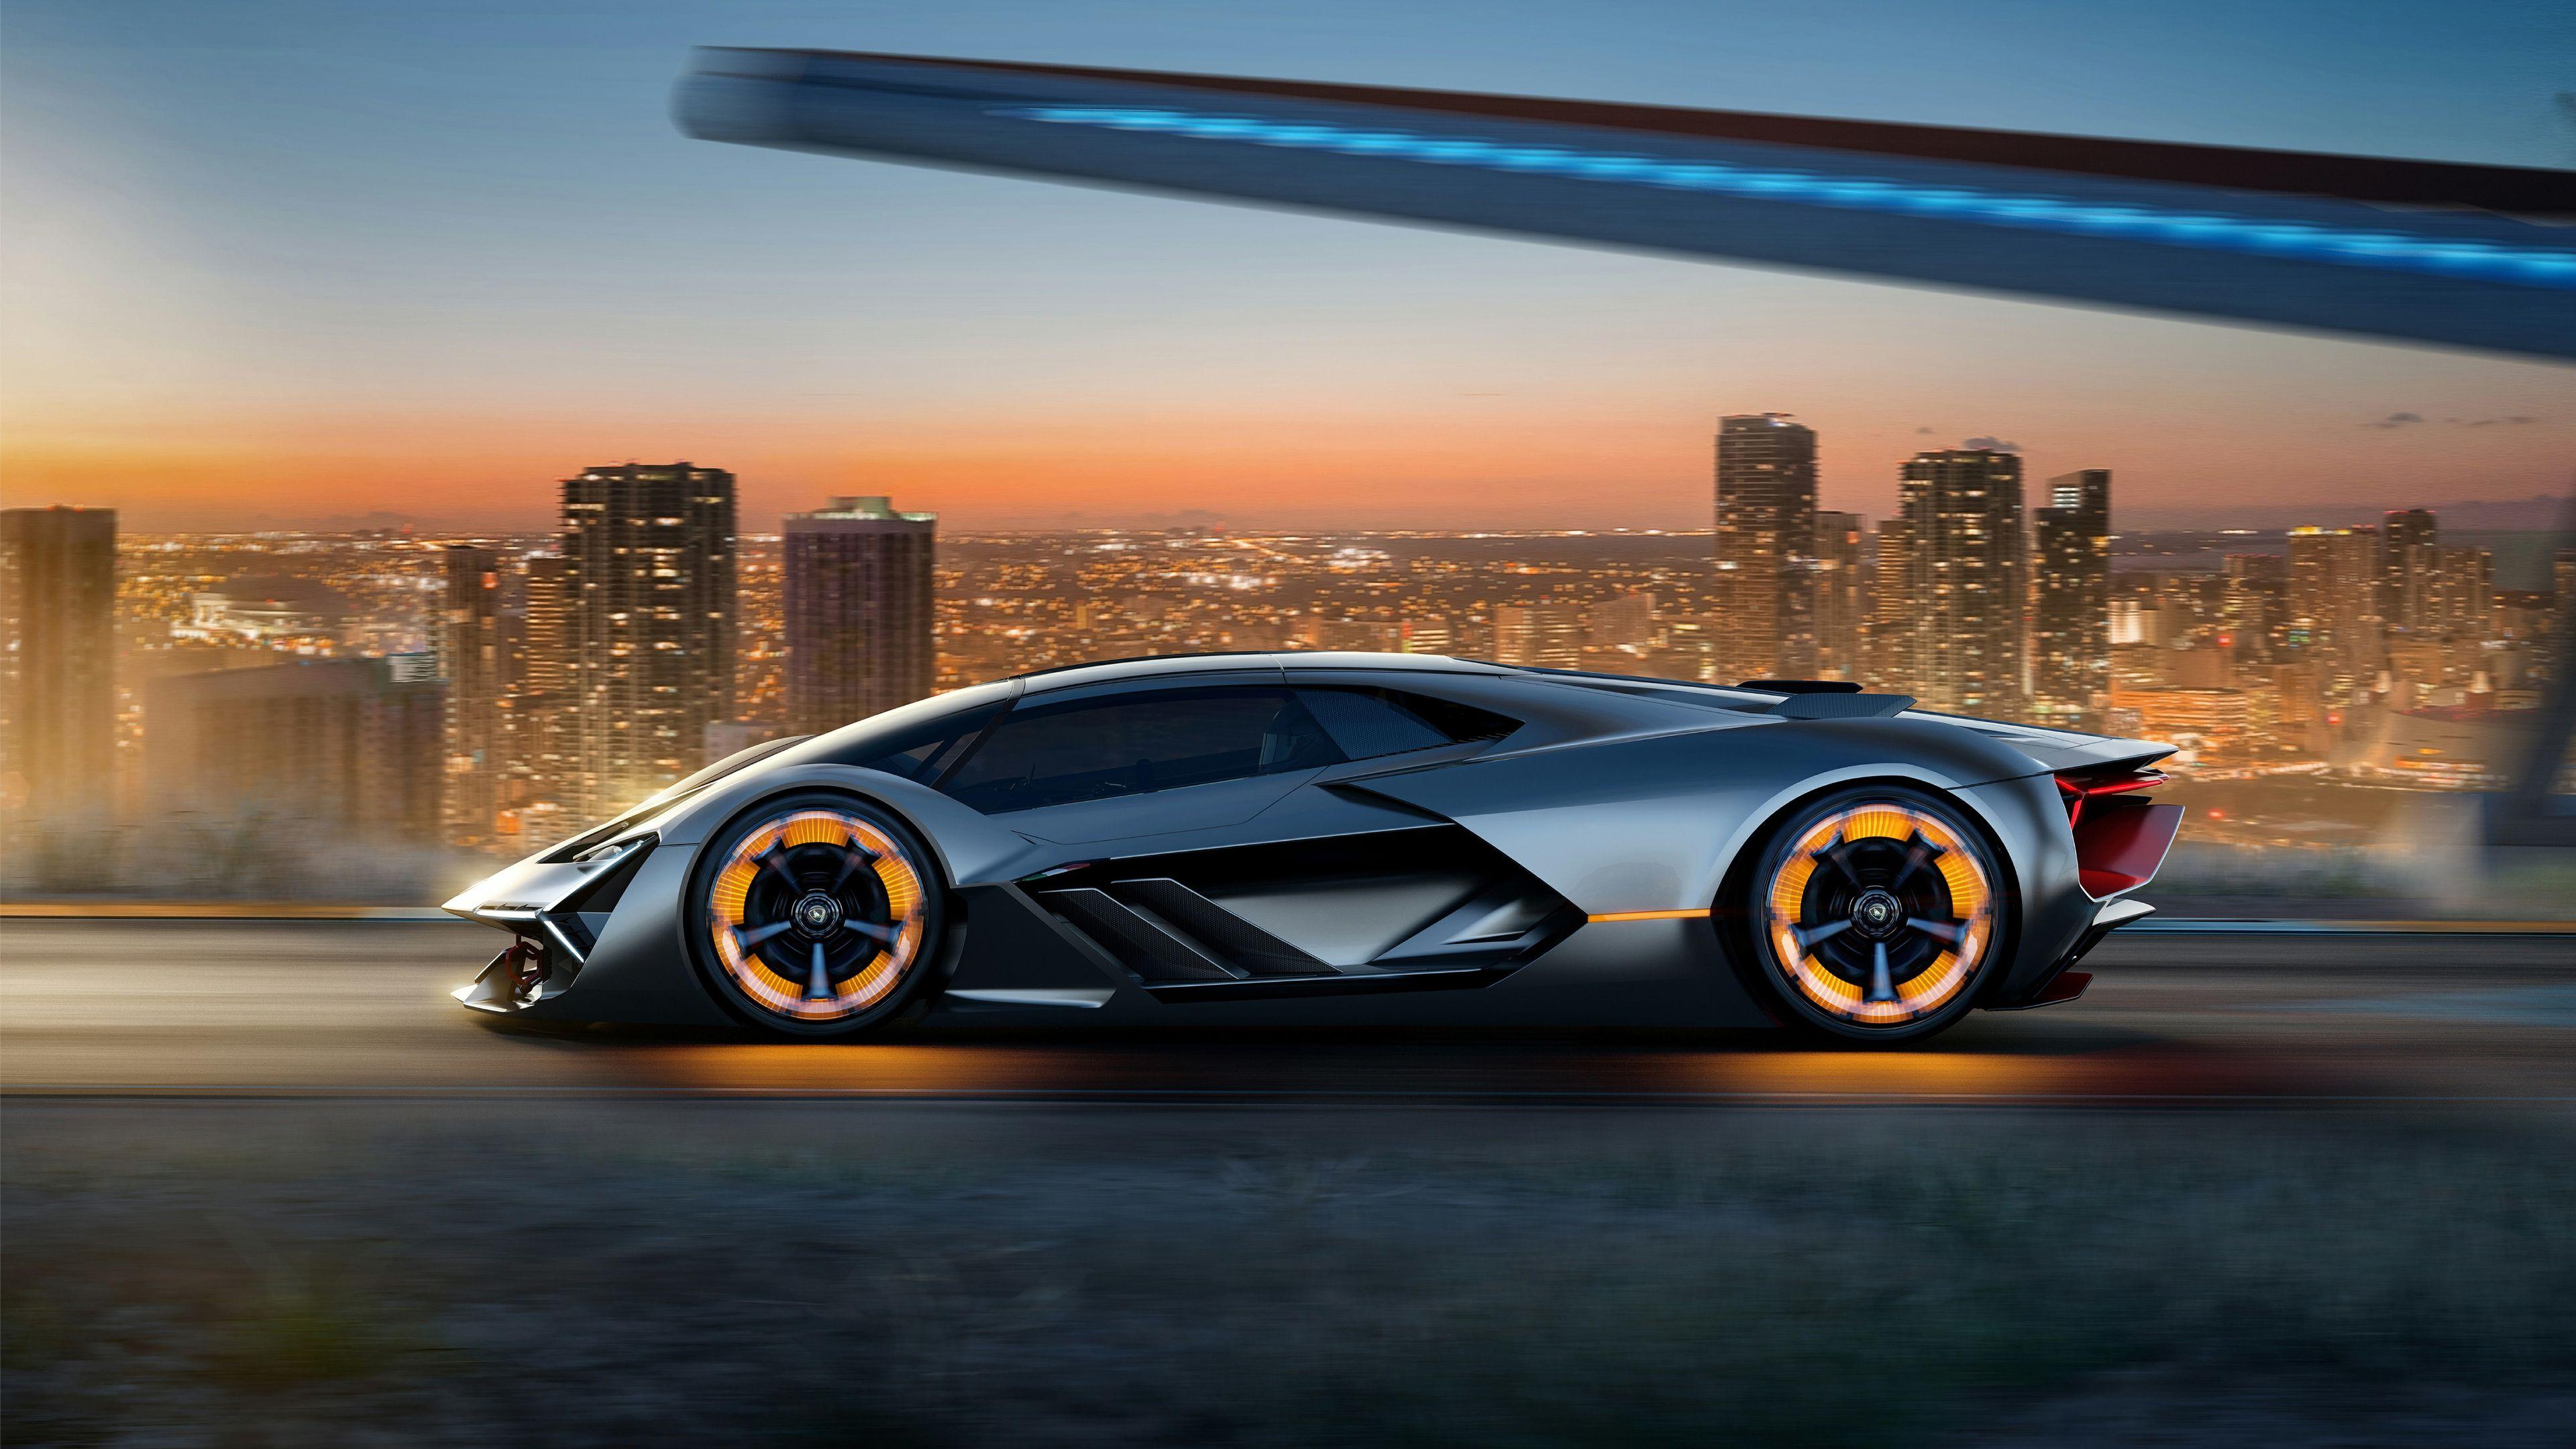 Wallpaper 4k Lamborghini Terzo Millennio 2017 Concept Car 2017